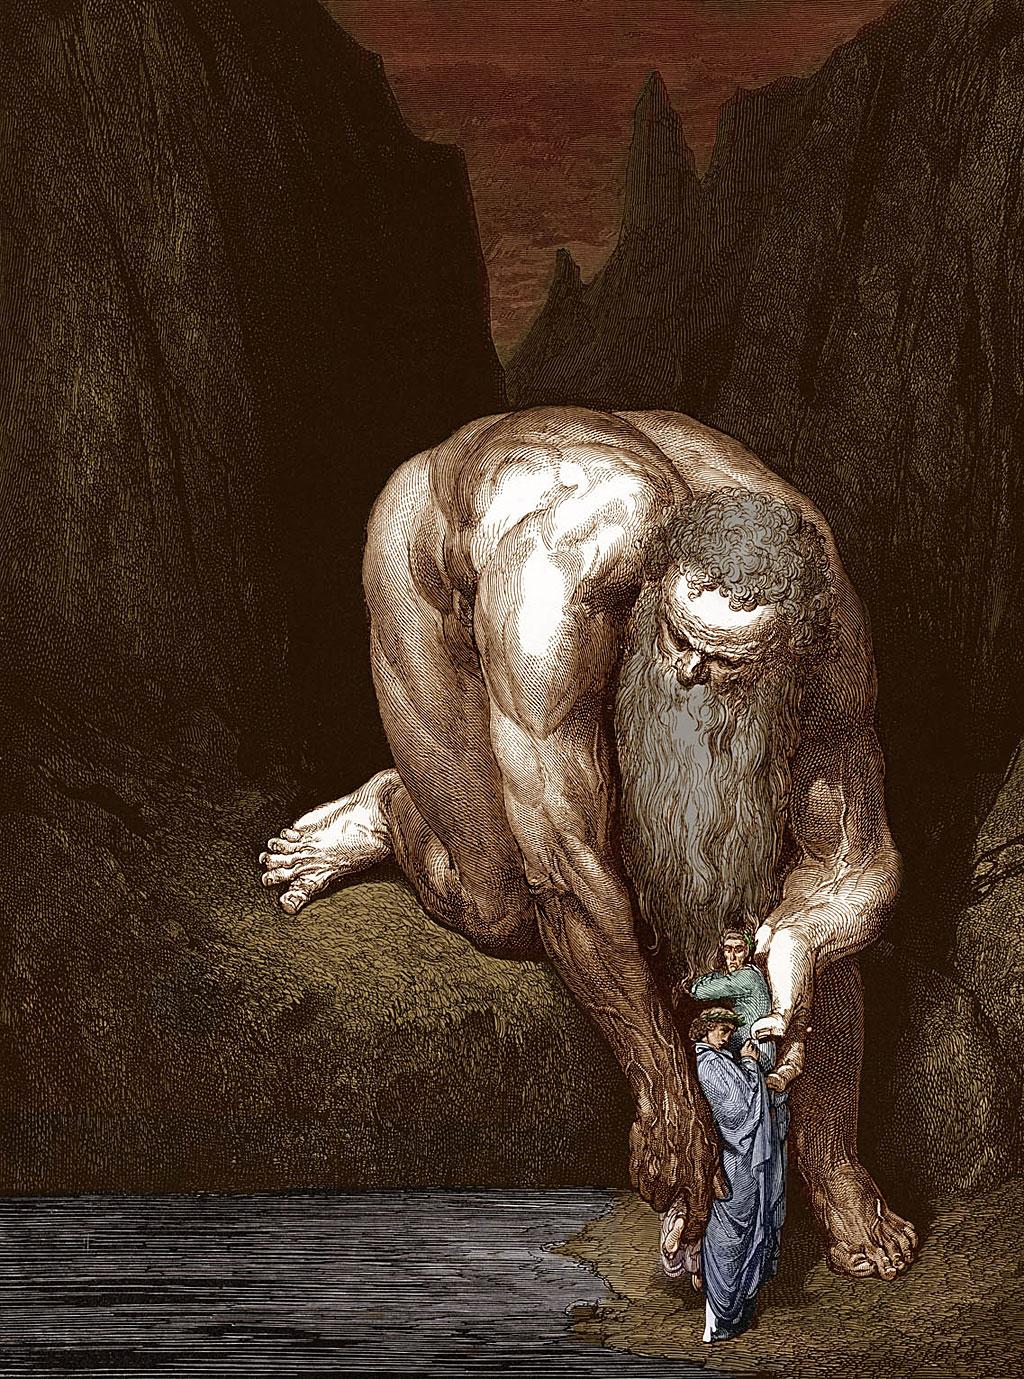 El Gigante Anteo se inclina y levanta a Dante y Virgilio, antes de bajarlos al fondo del abismo. (Inferno, Canto 31, líneas 127-131). Dibujado por Gustave Doré.